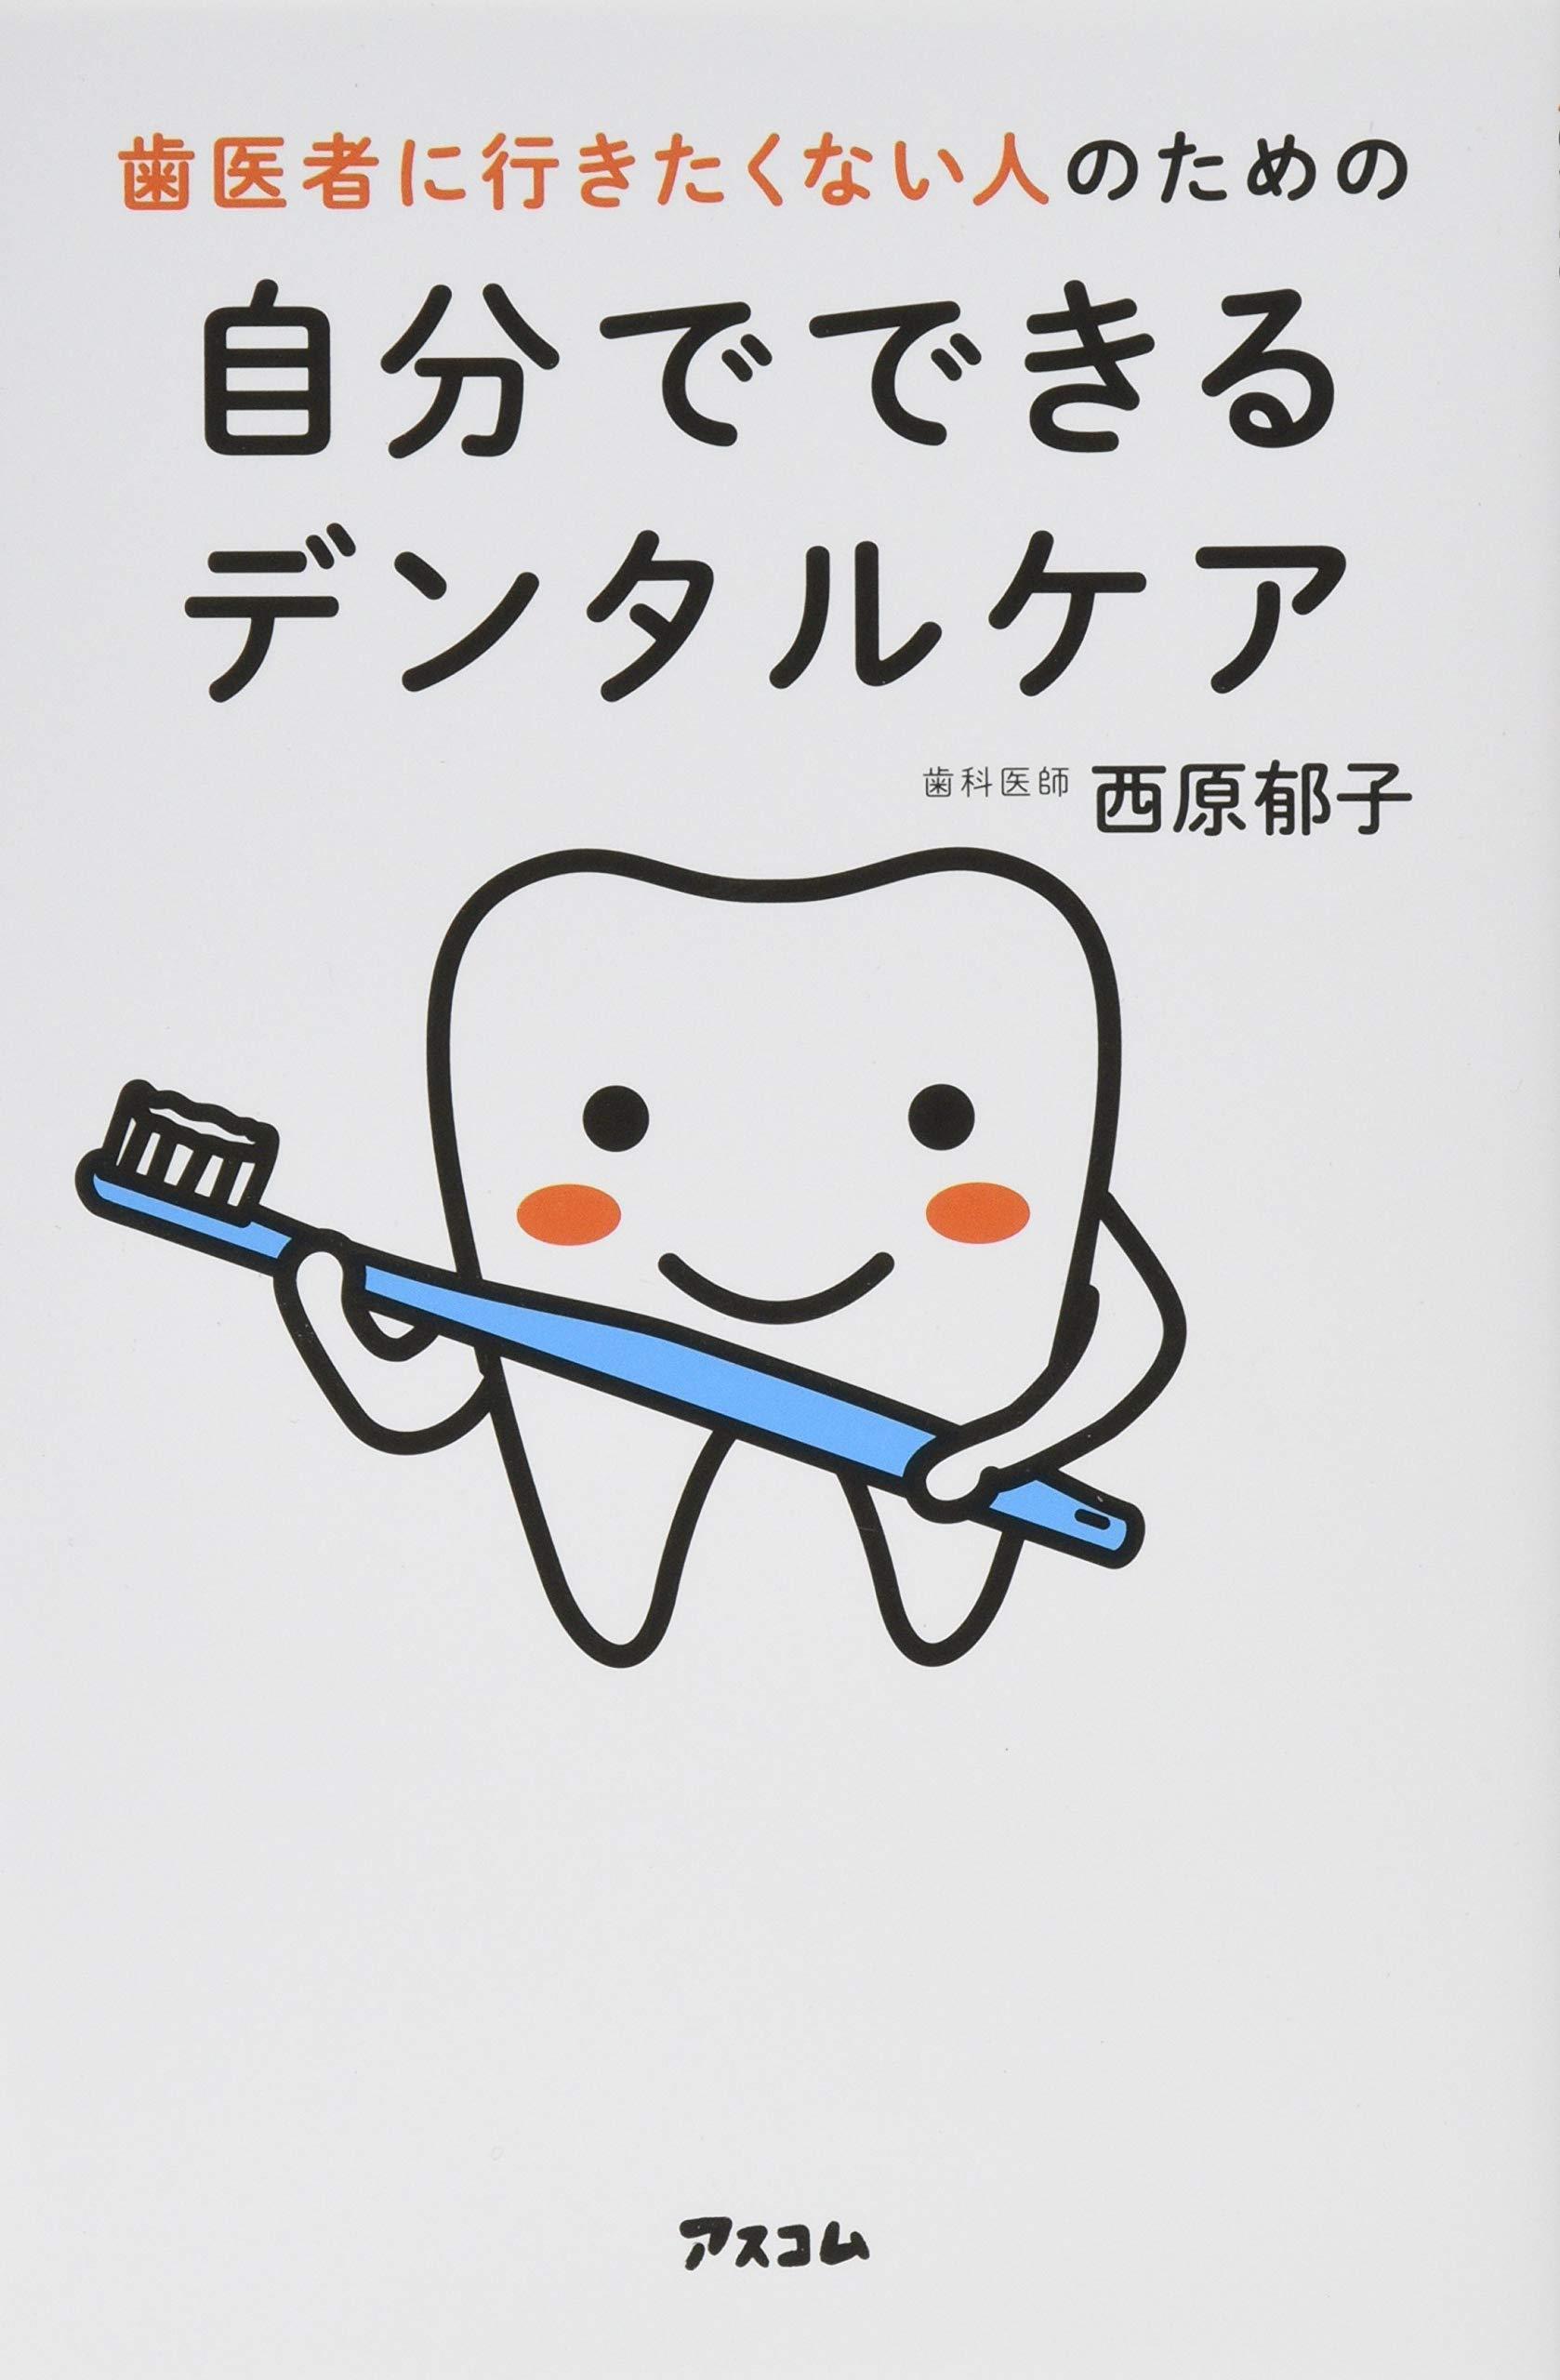 ない たく 歯医者 行き